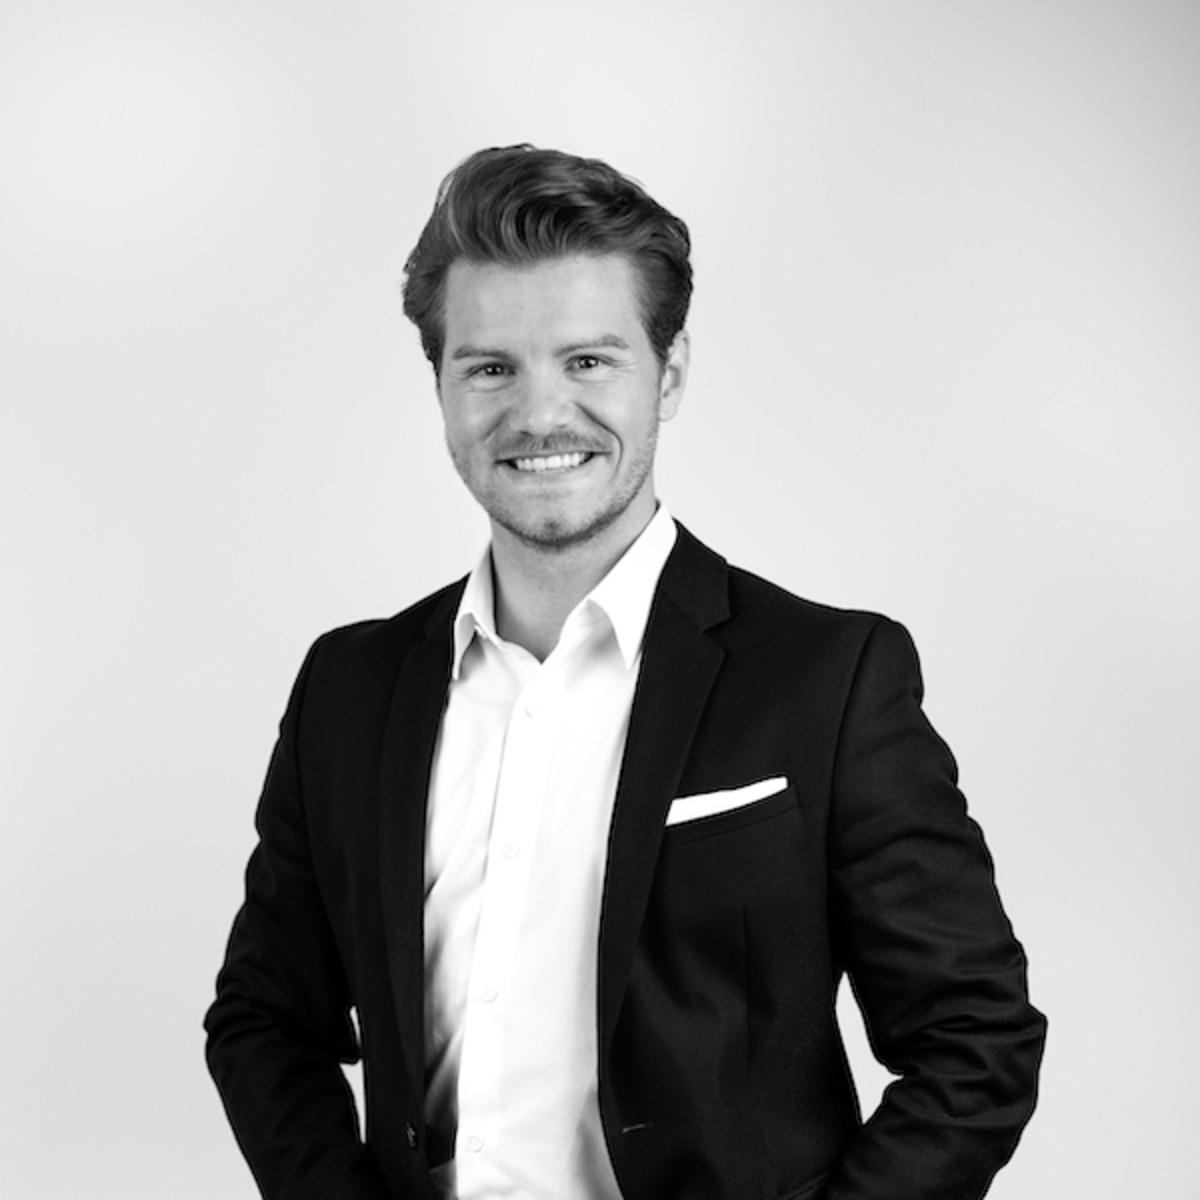 Sebastian Kieback